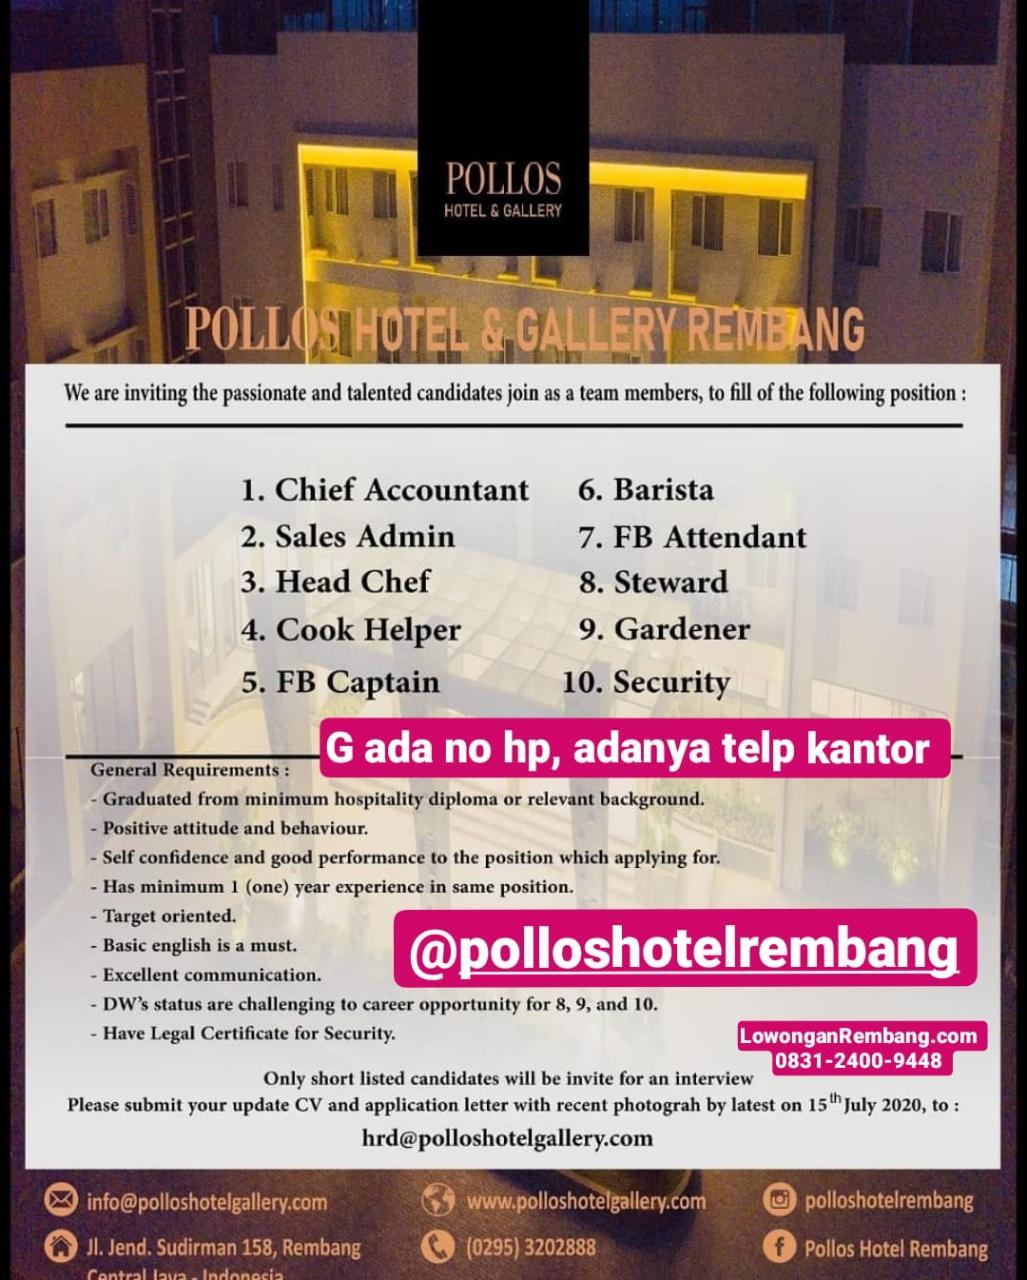 10 Macam Lowongan Kerja Pollos Hotel & Gallery Rembang